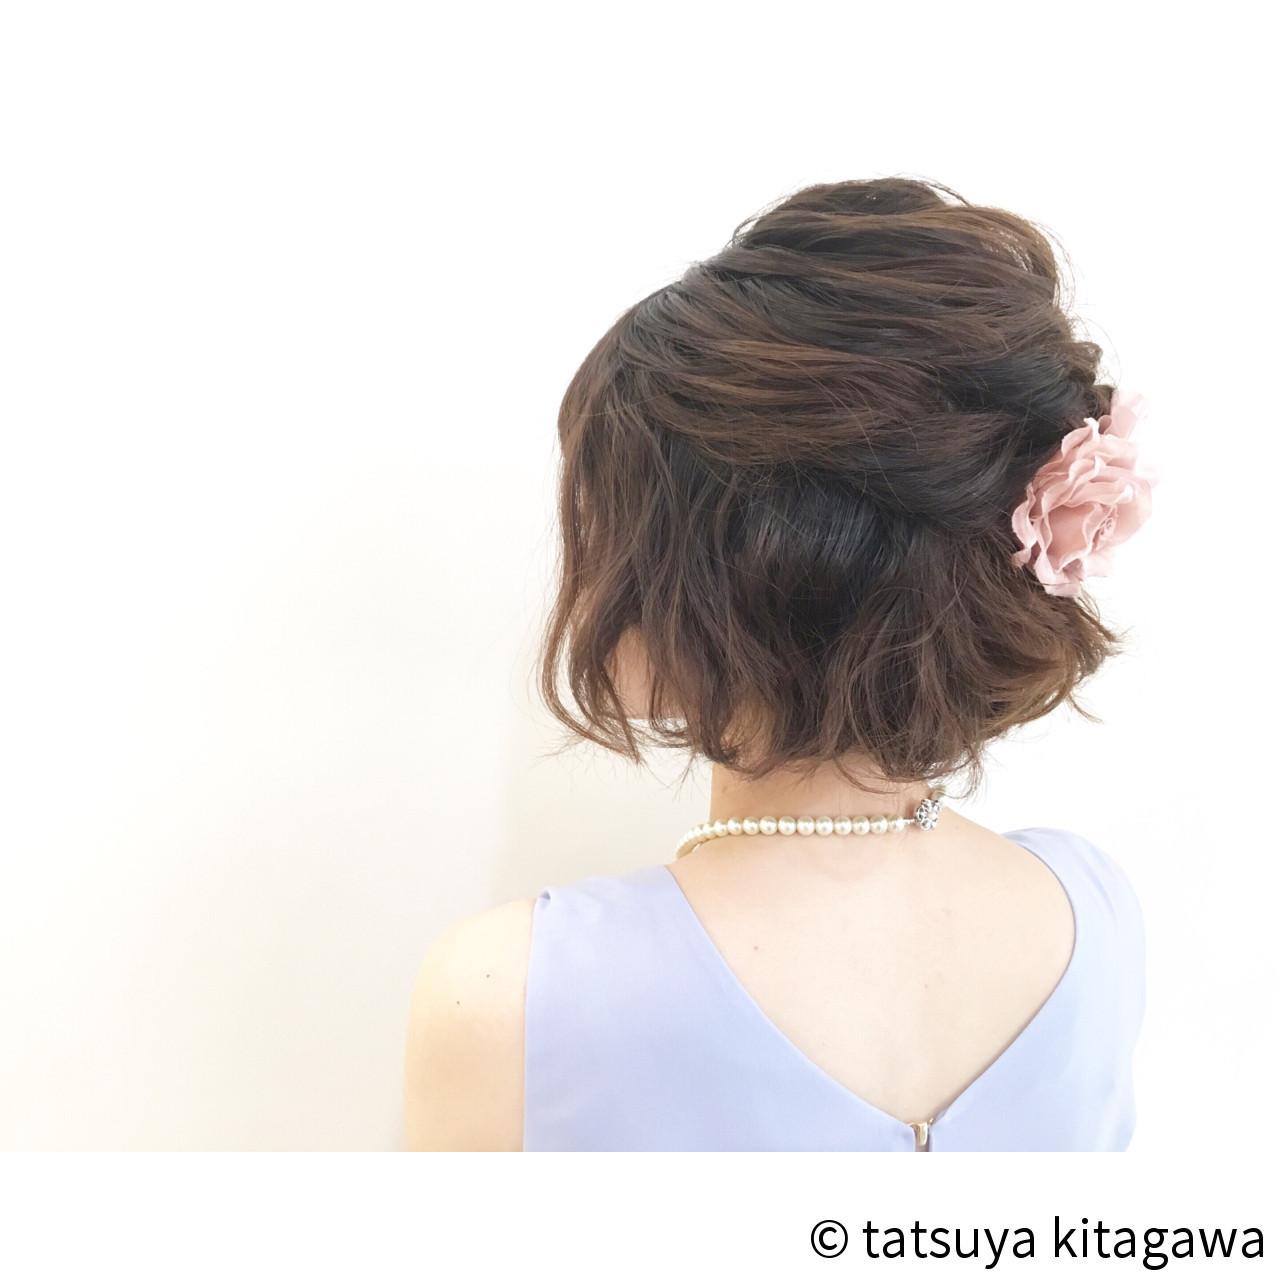 ボブヘアののアップスタイル tatsuya kitagawa